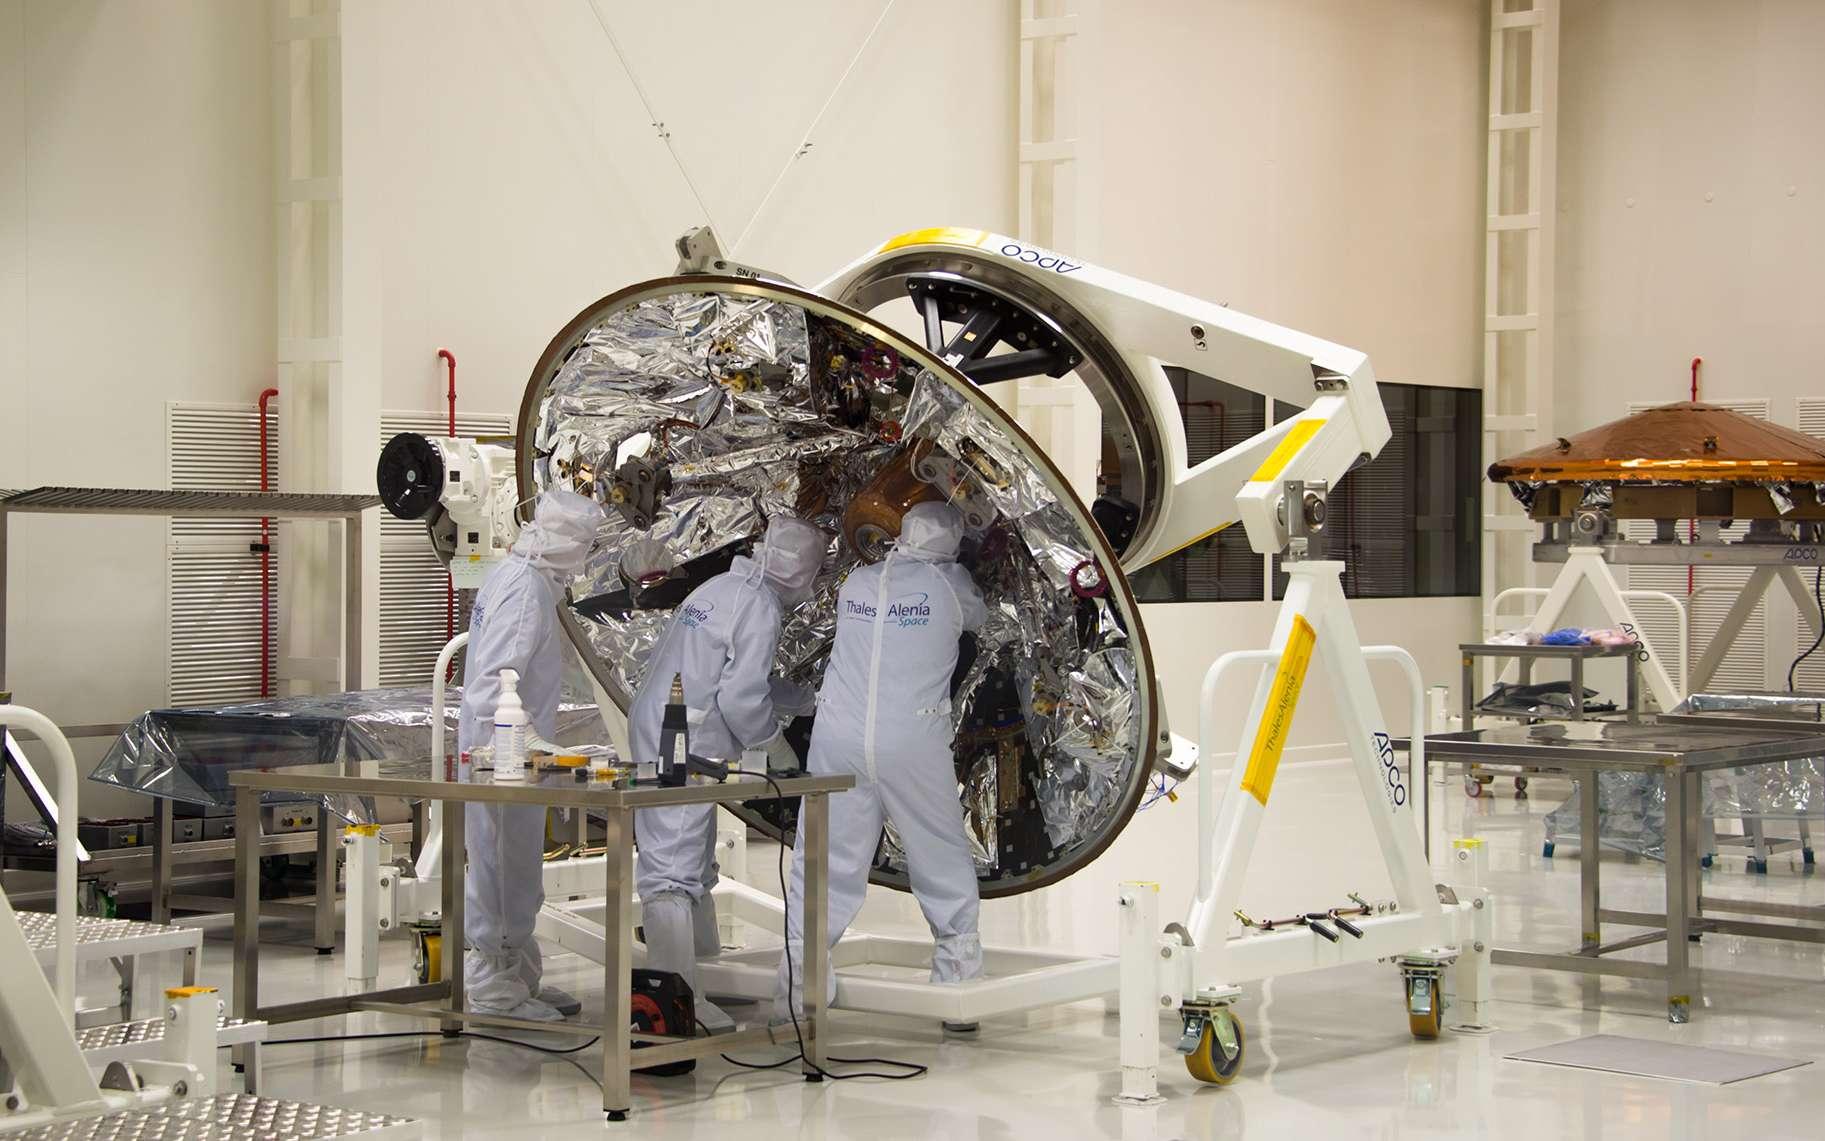 Les deux parties du bouclier thermique de la capsule Schiaparelli chez Thales Alenia Space, à Turin. Au premier plan, le cône arrière et, à droite, la partie avant qui subira les températures les plus chaudes lors de son entrée dans l'atmosphère et pendant une bonne partie de la descente. © ESA, D. Ducros